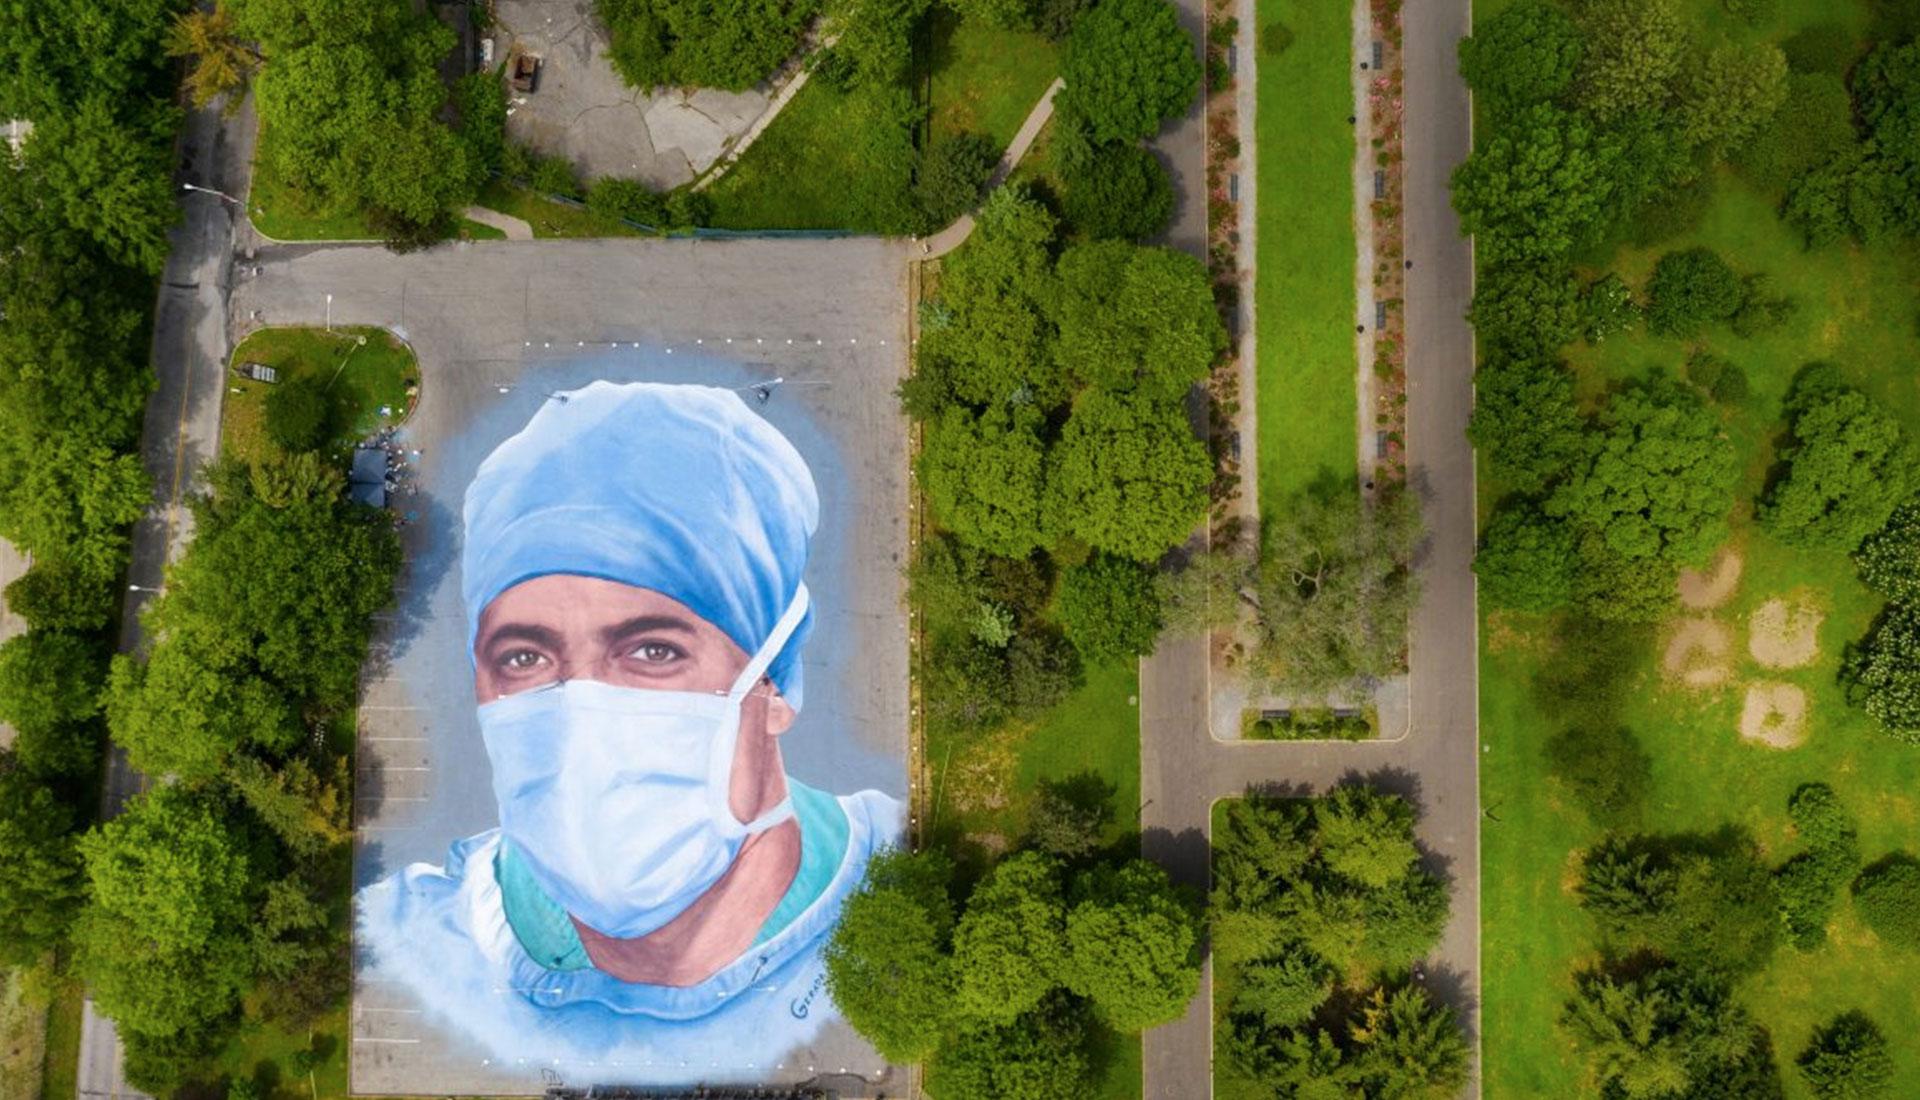 Стрит-арт во время пандемии Covid-19